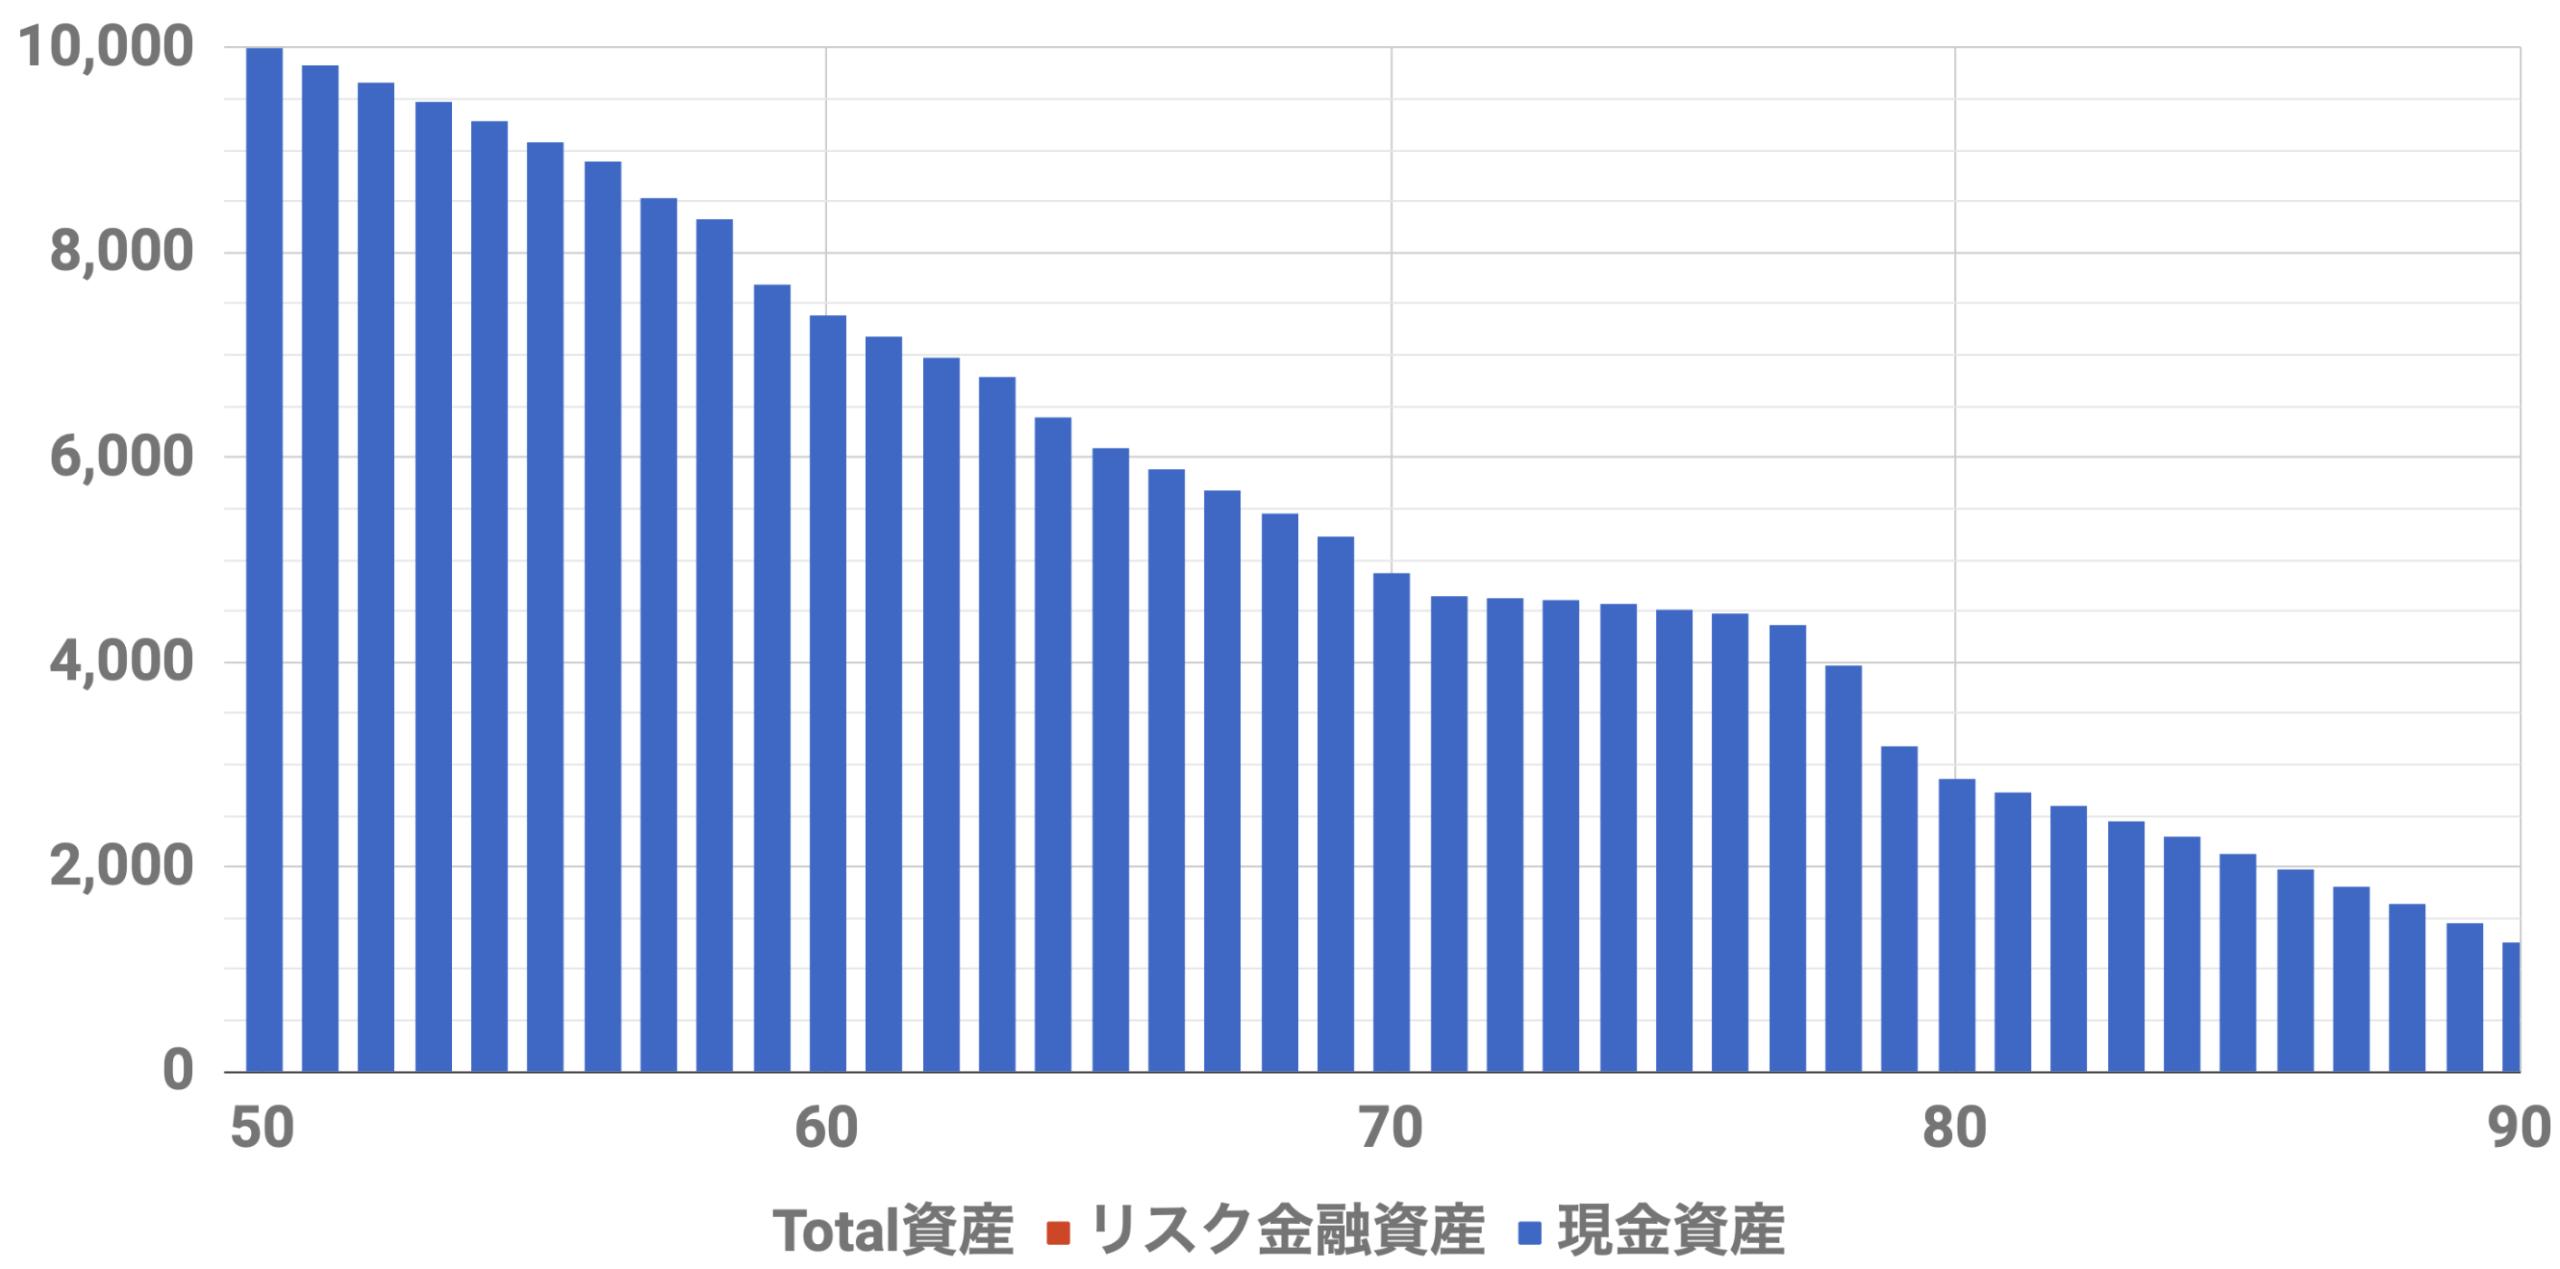 50歳1億万資産シミュレーション(Level3)インフレ率2%